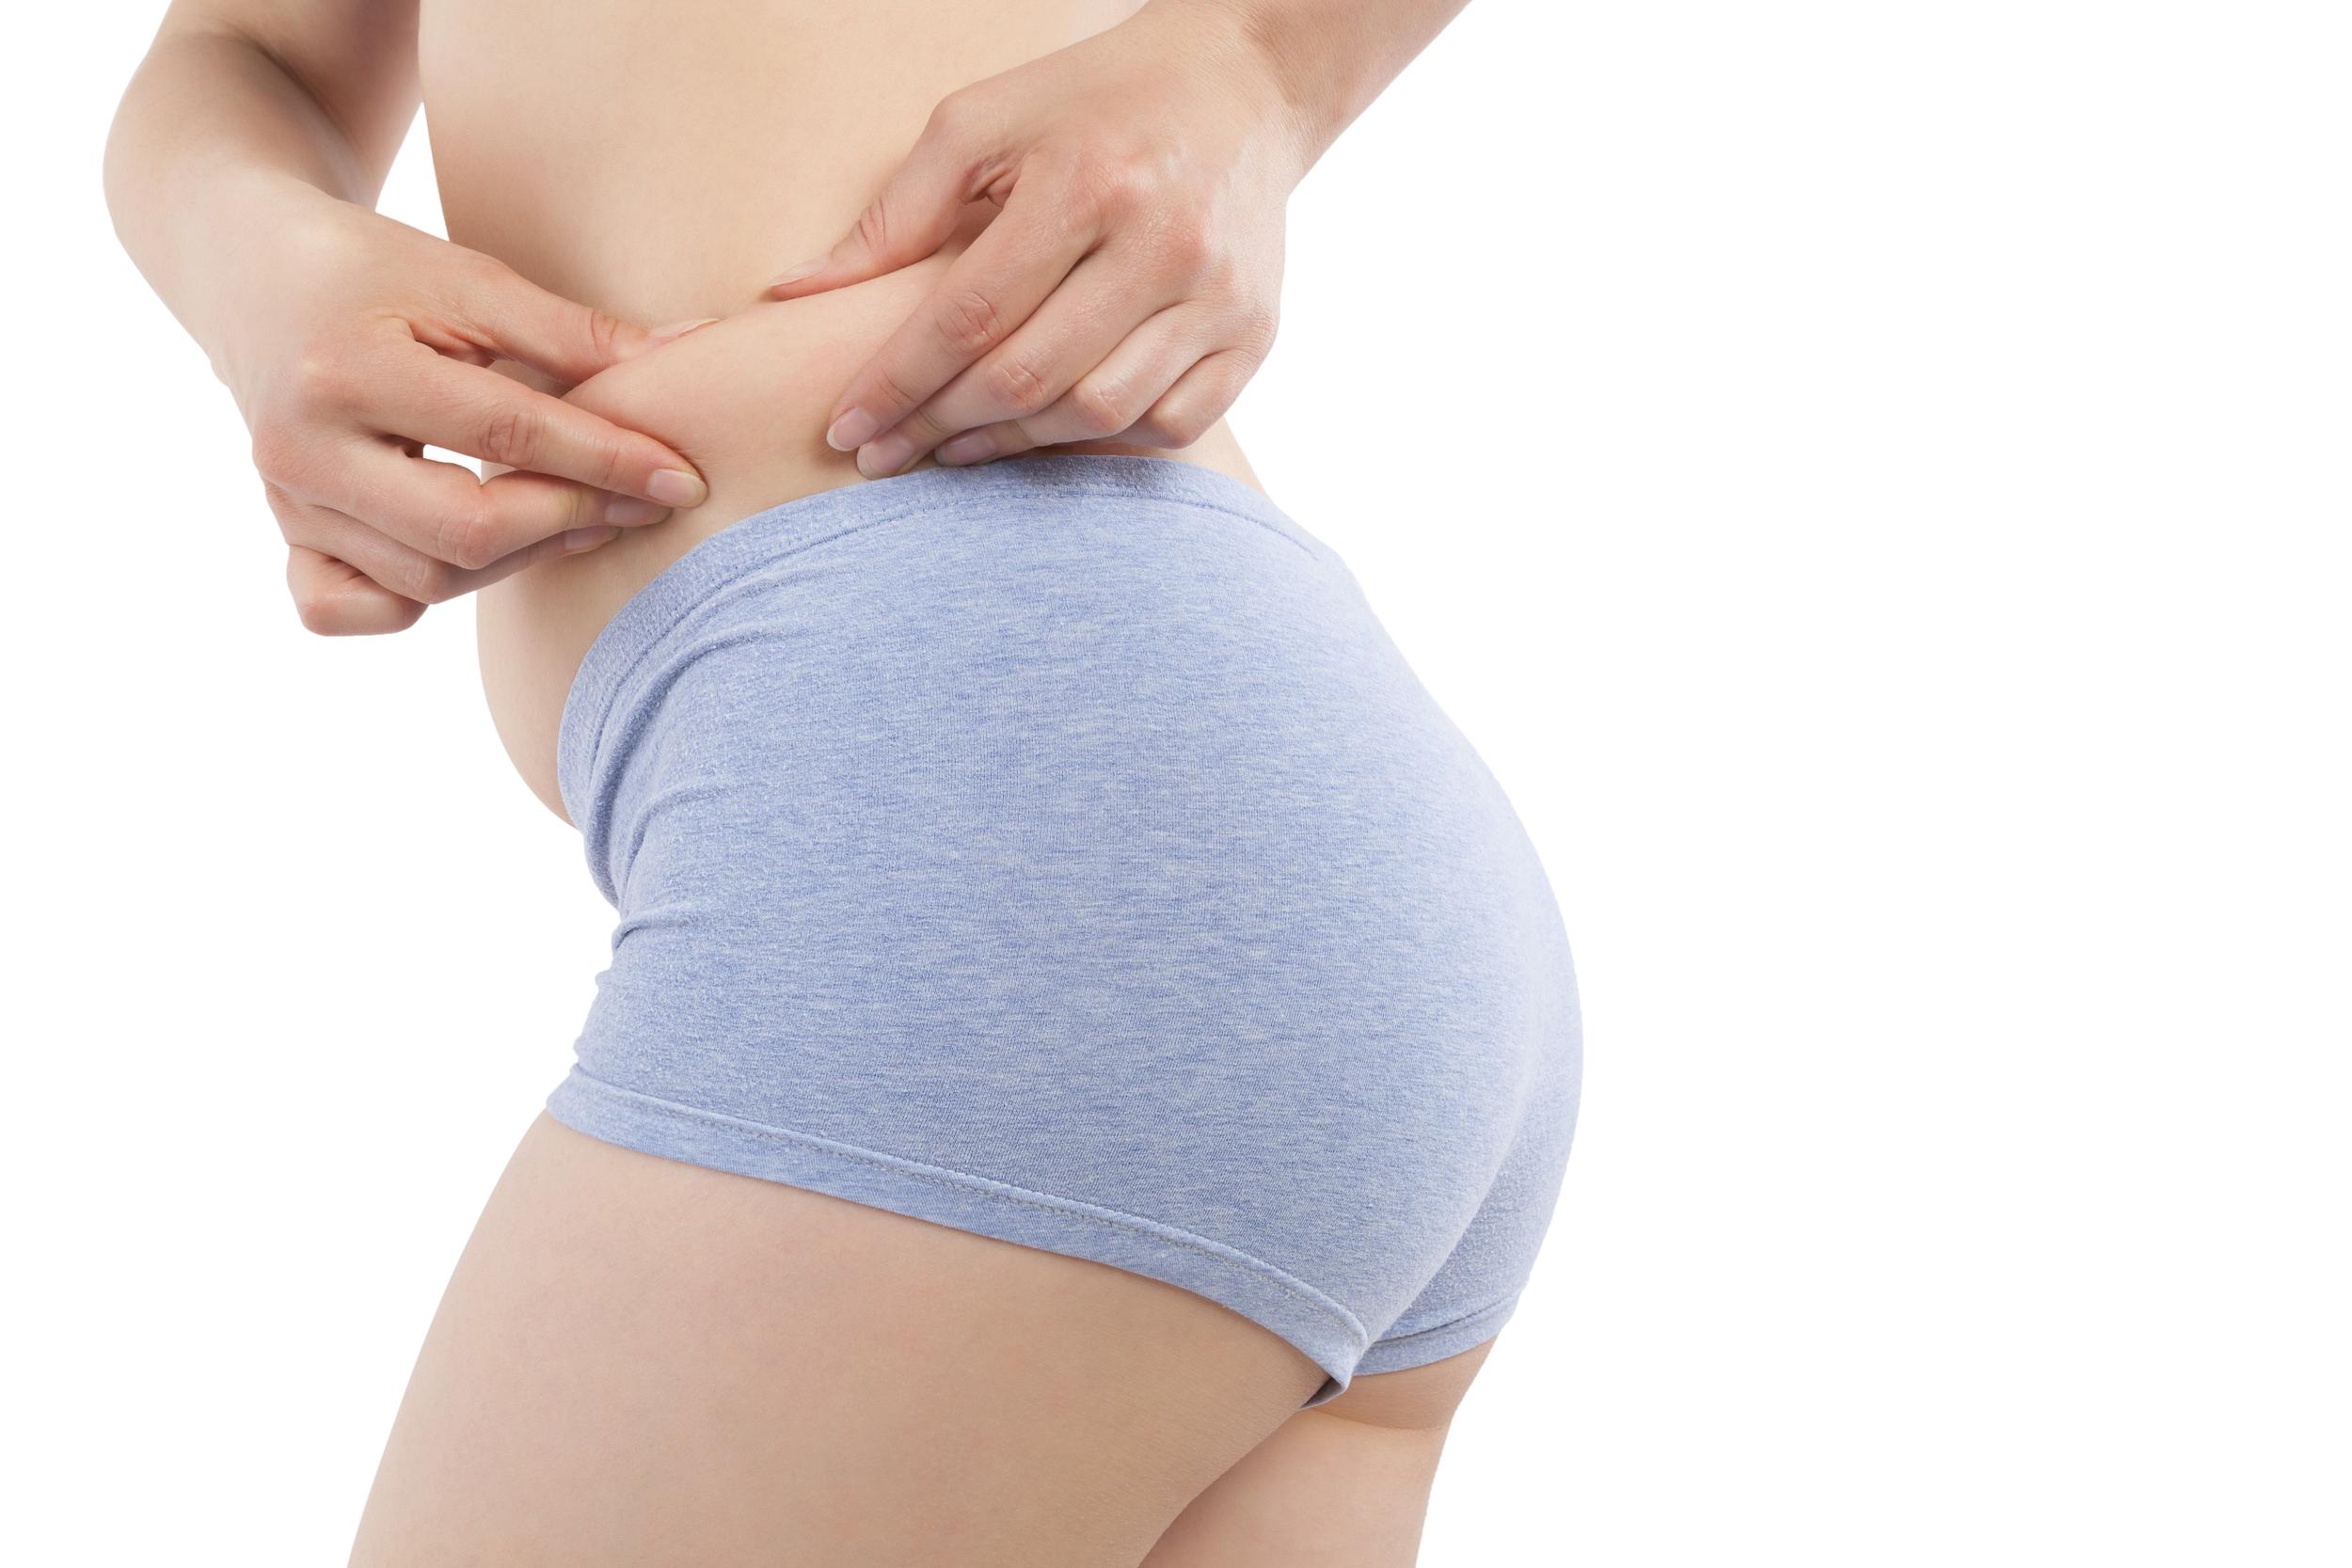 La torsoplastía mejora el contorno de la espalda alta y baja.